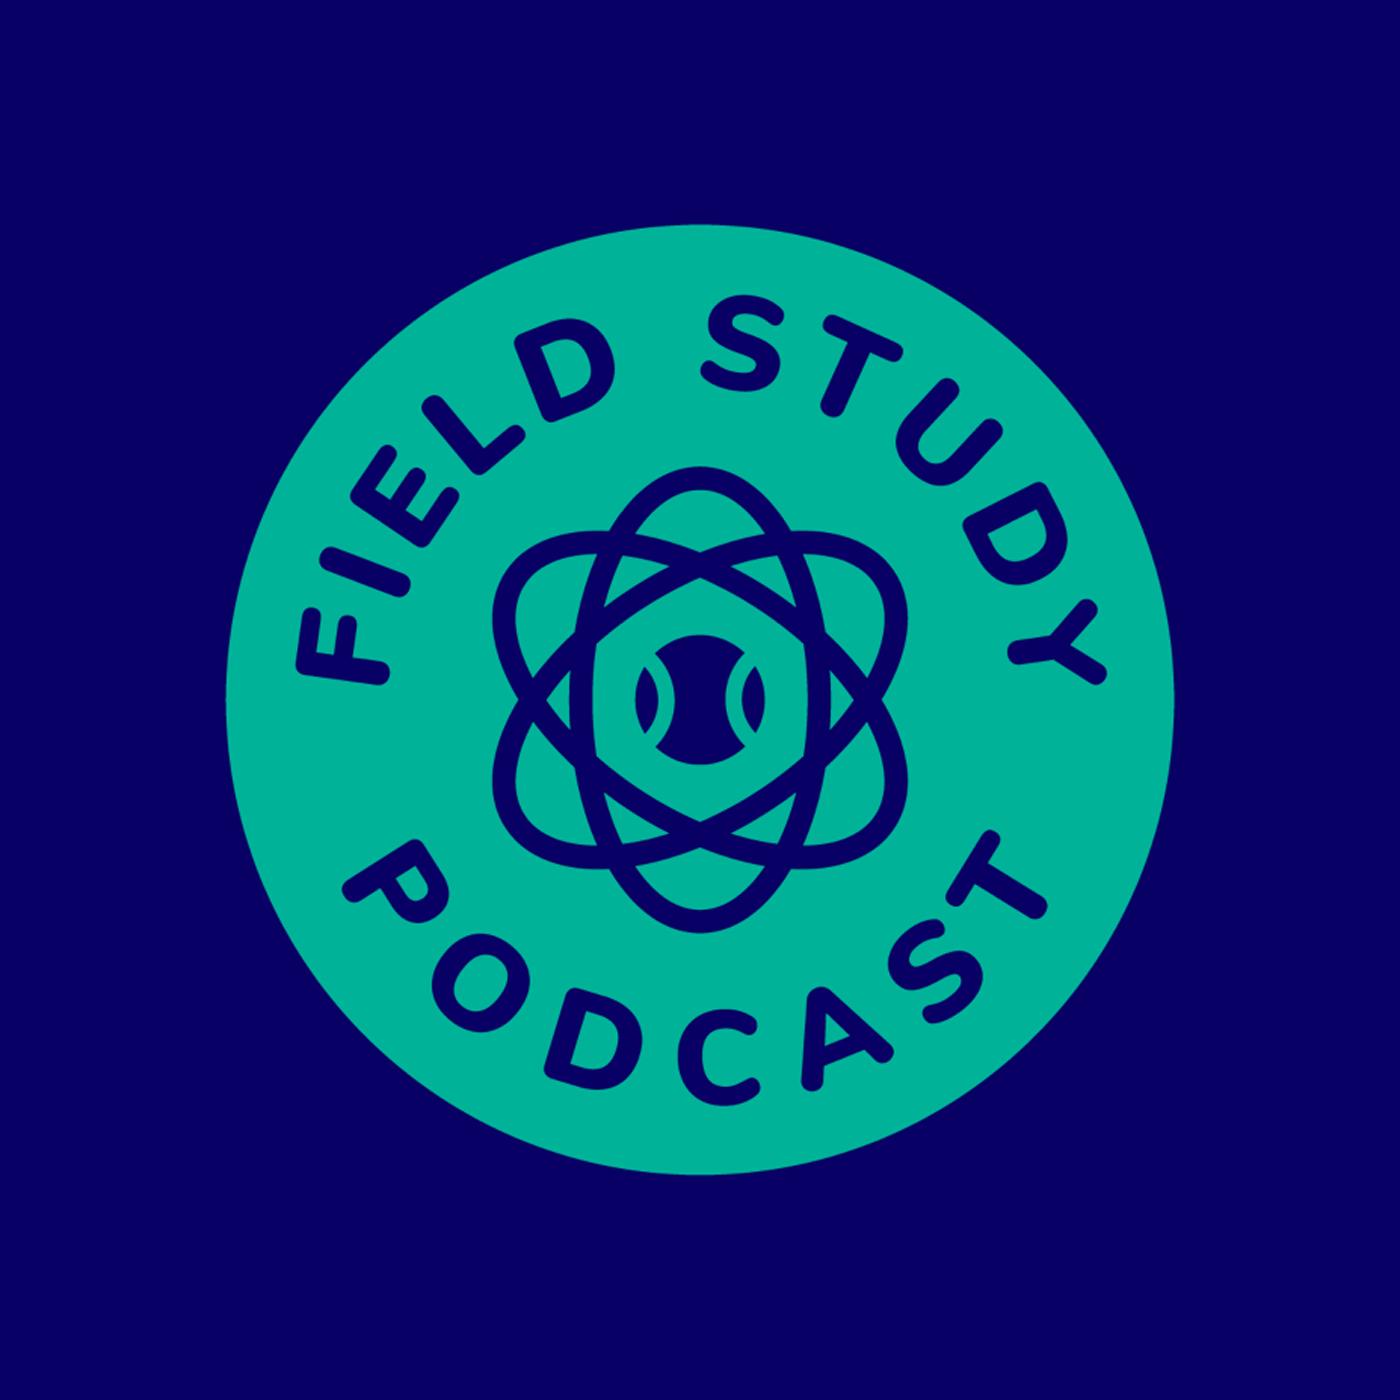 Trailer: Field Study season 2